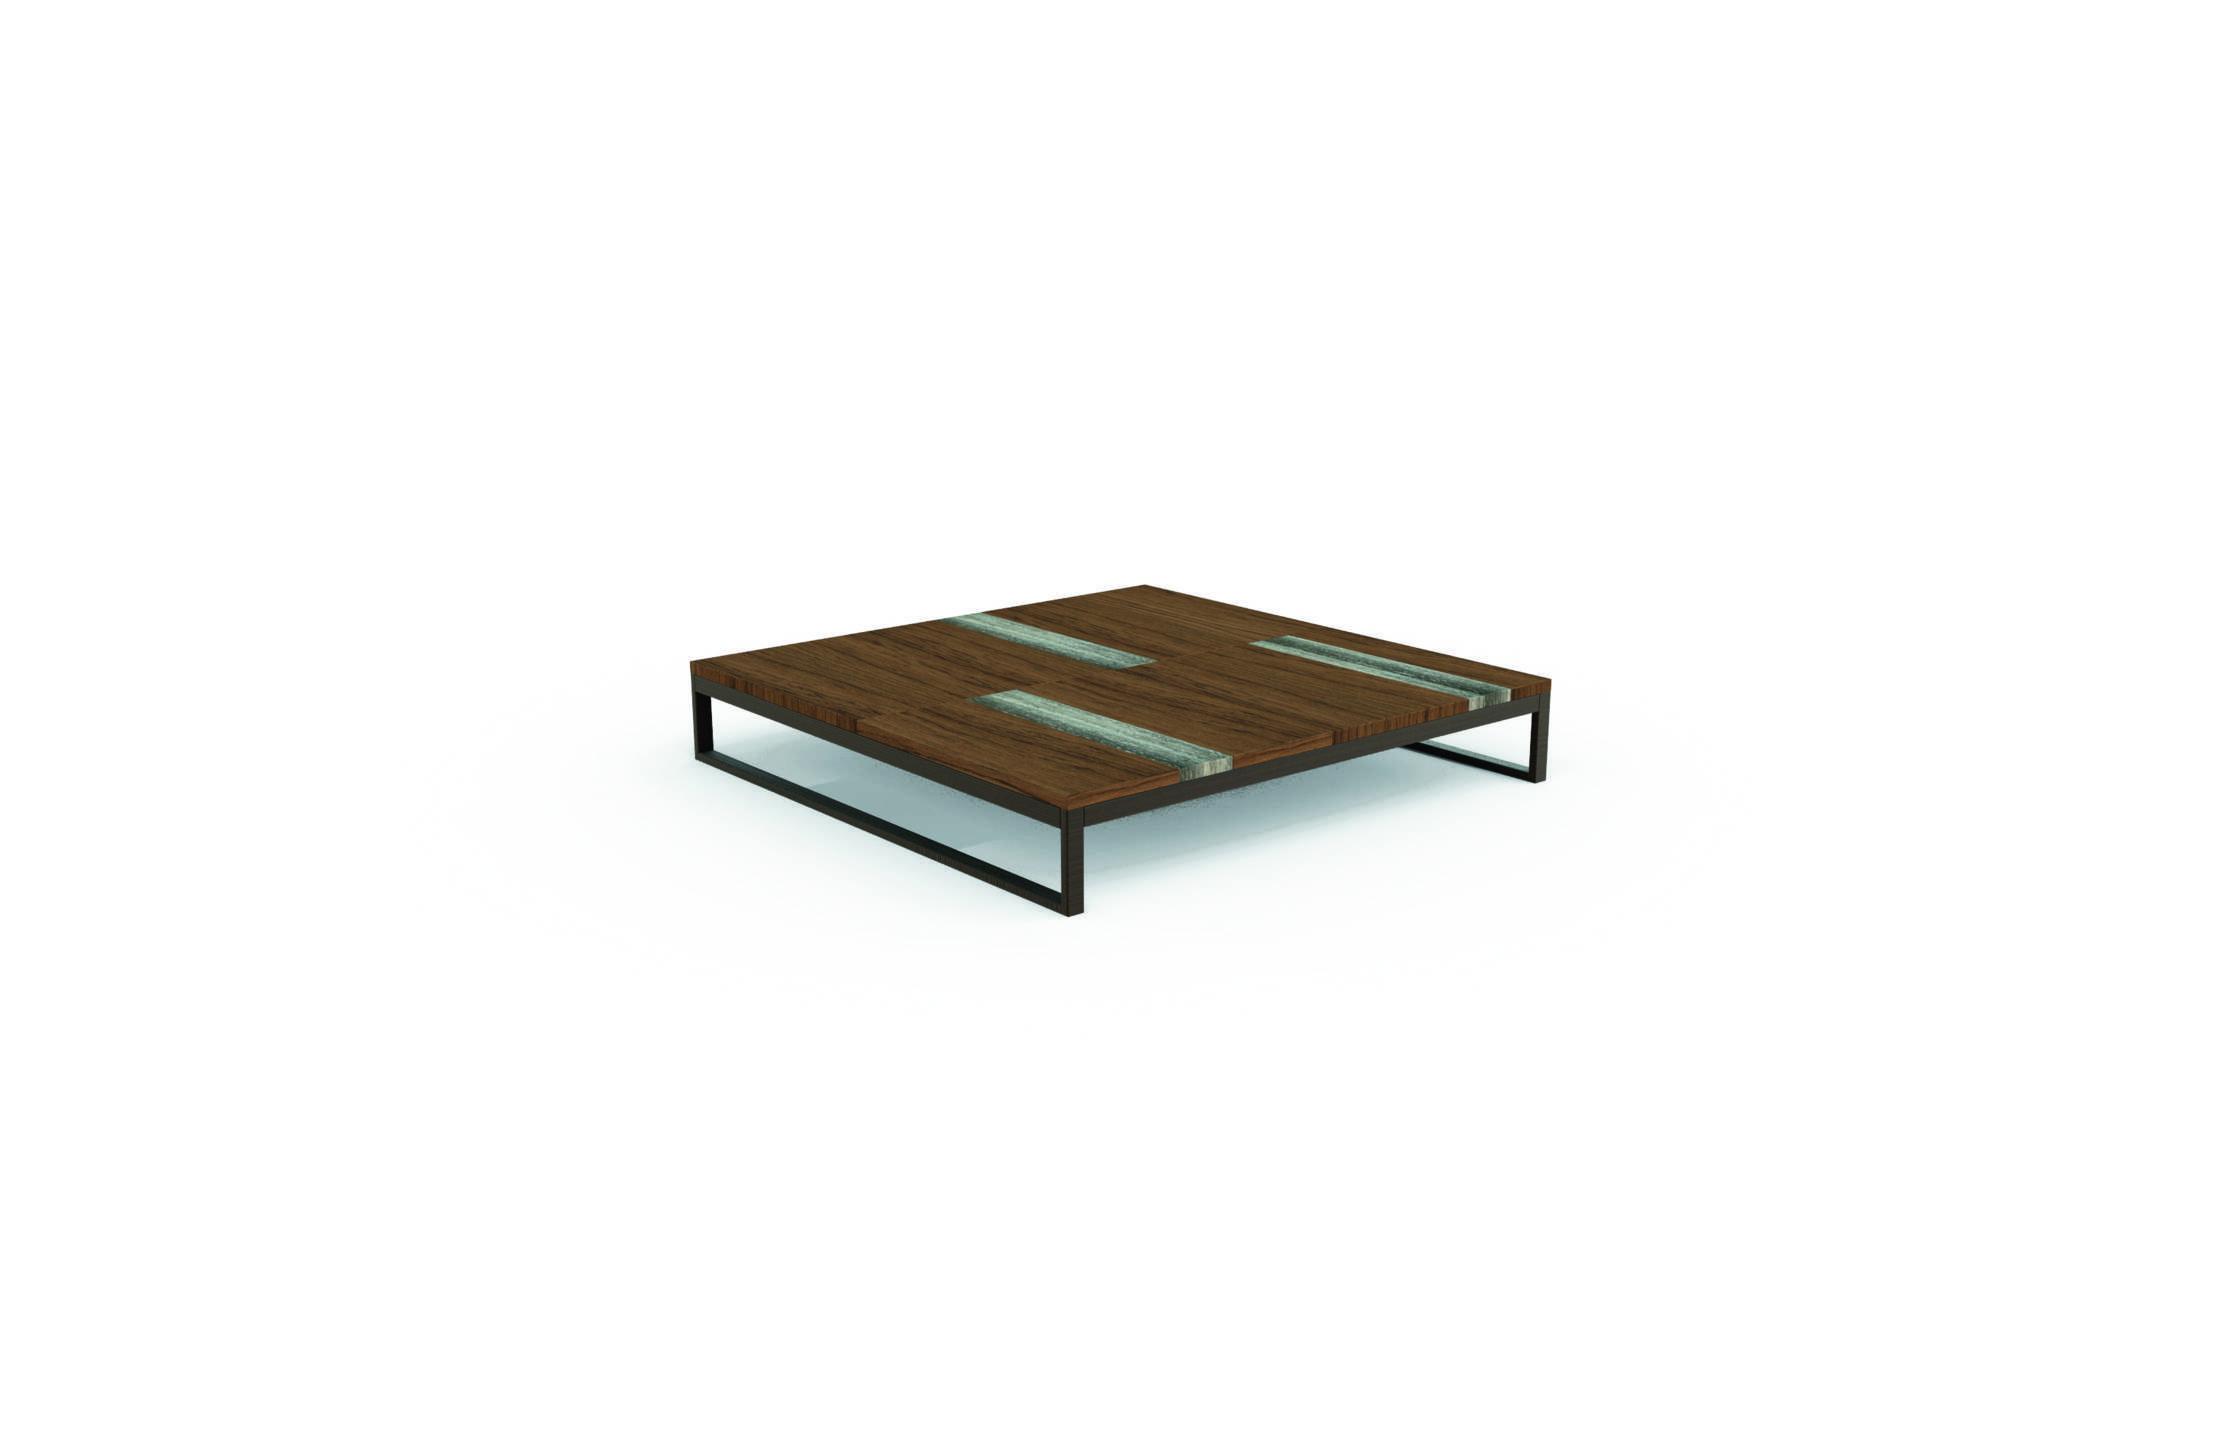 Vivereverde cover tavolo caffe 100x100 casildacollection - Divani da giardino usati ...